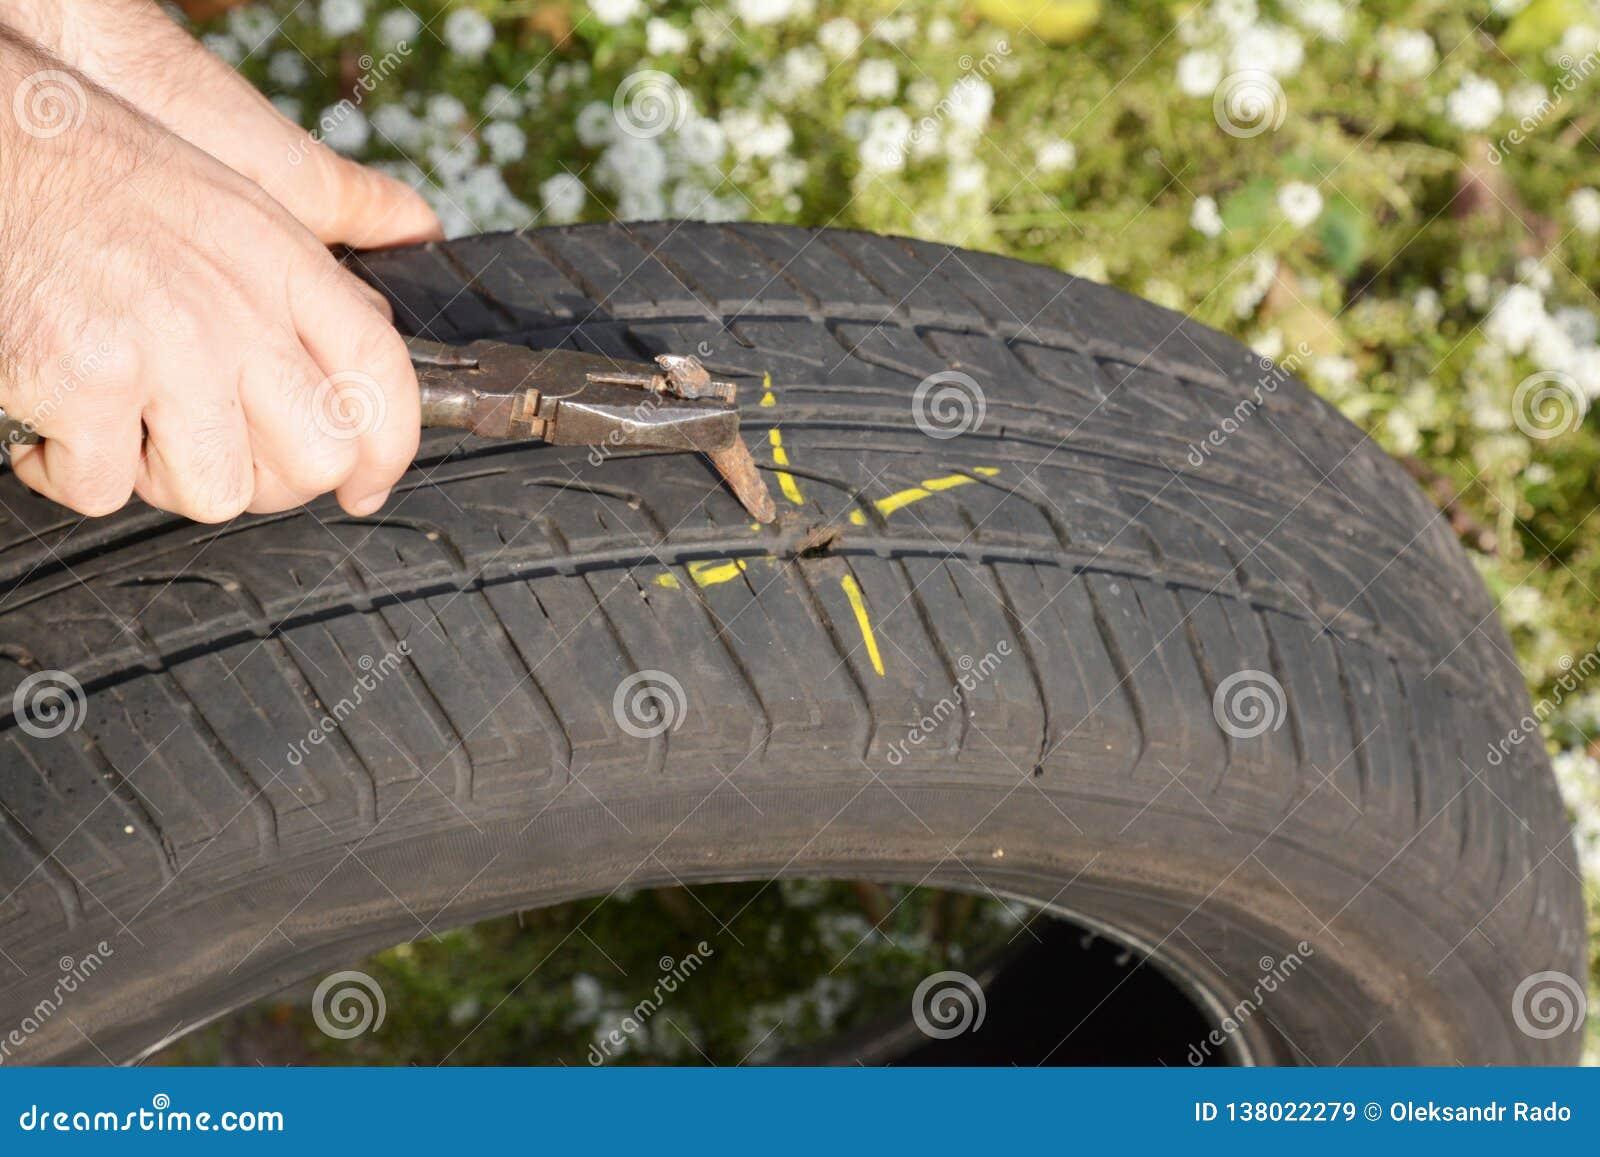 Gummihjul för plan bil för knipa Skada för bilgummihjulet med spikar